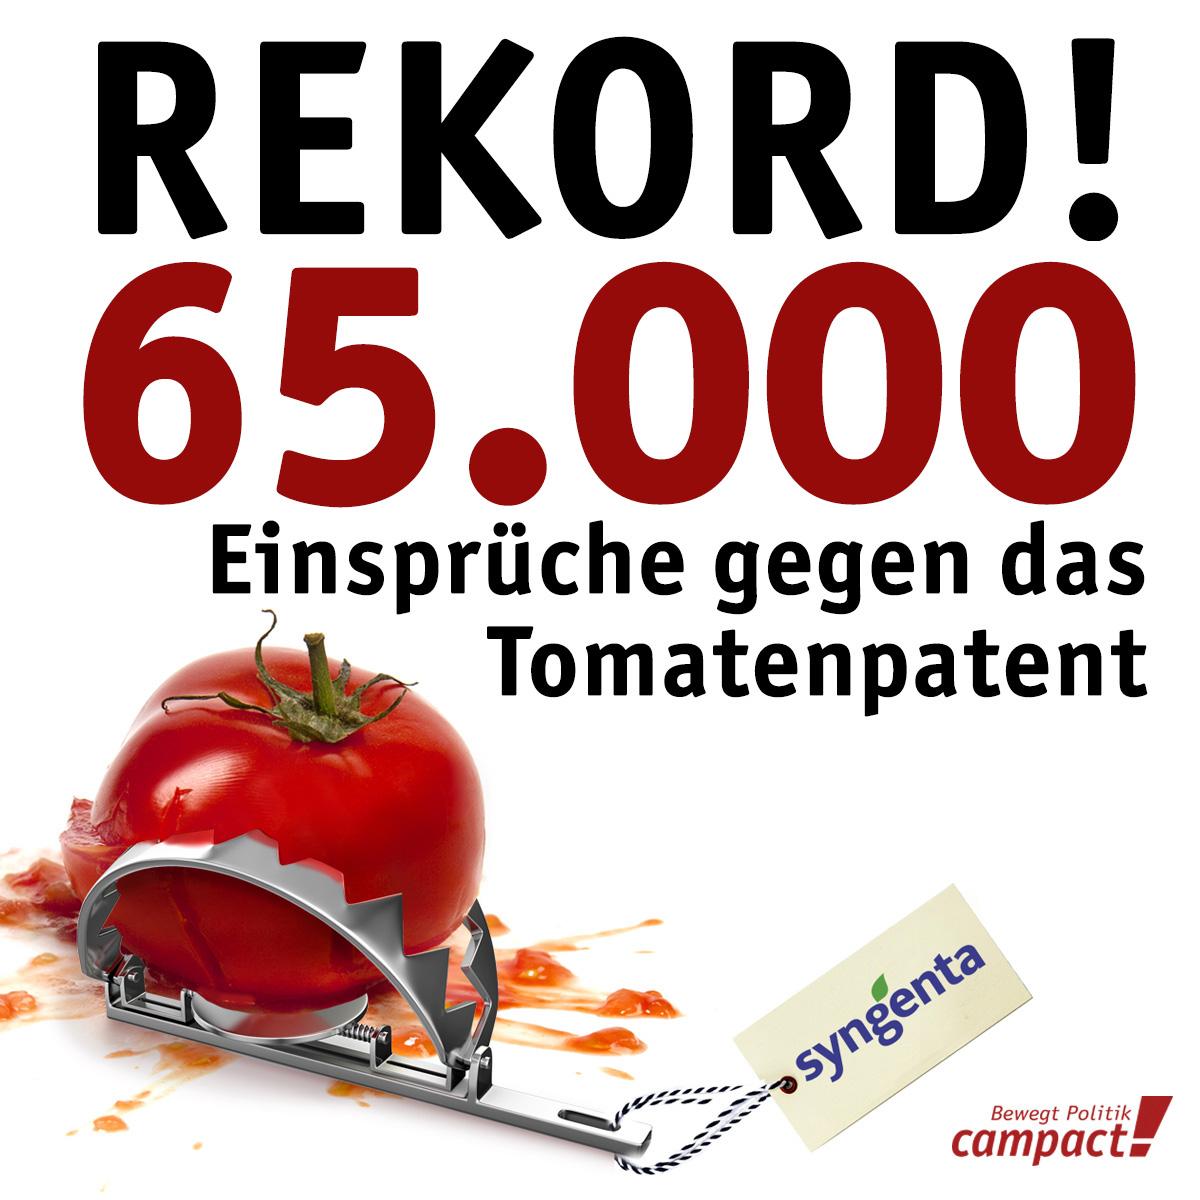 65.000 legen Einspruch gegen Tomatenpatent ein. Grafik: Zitrusblau/Sascha Collet/Campact [CC BY-ND 2.0]